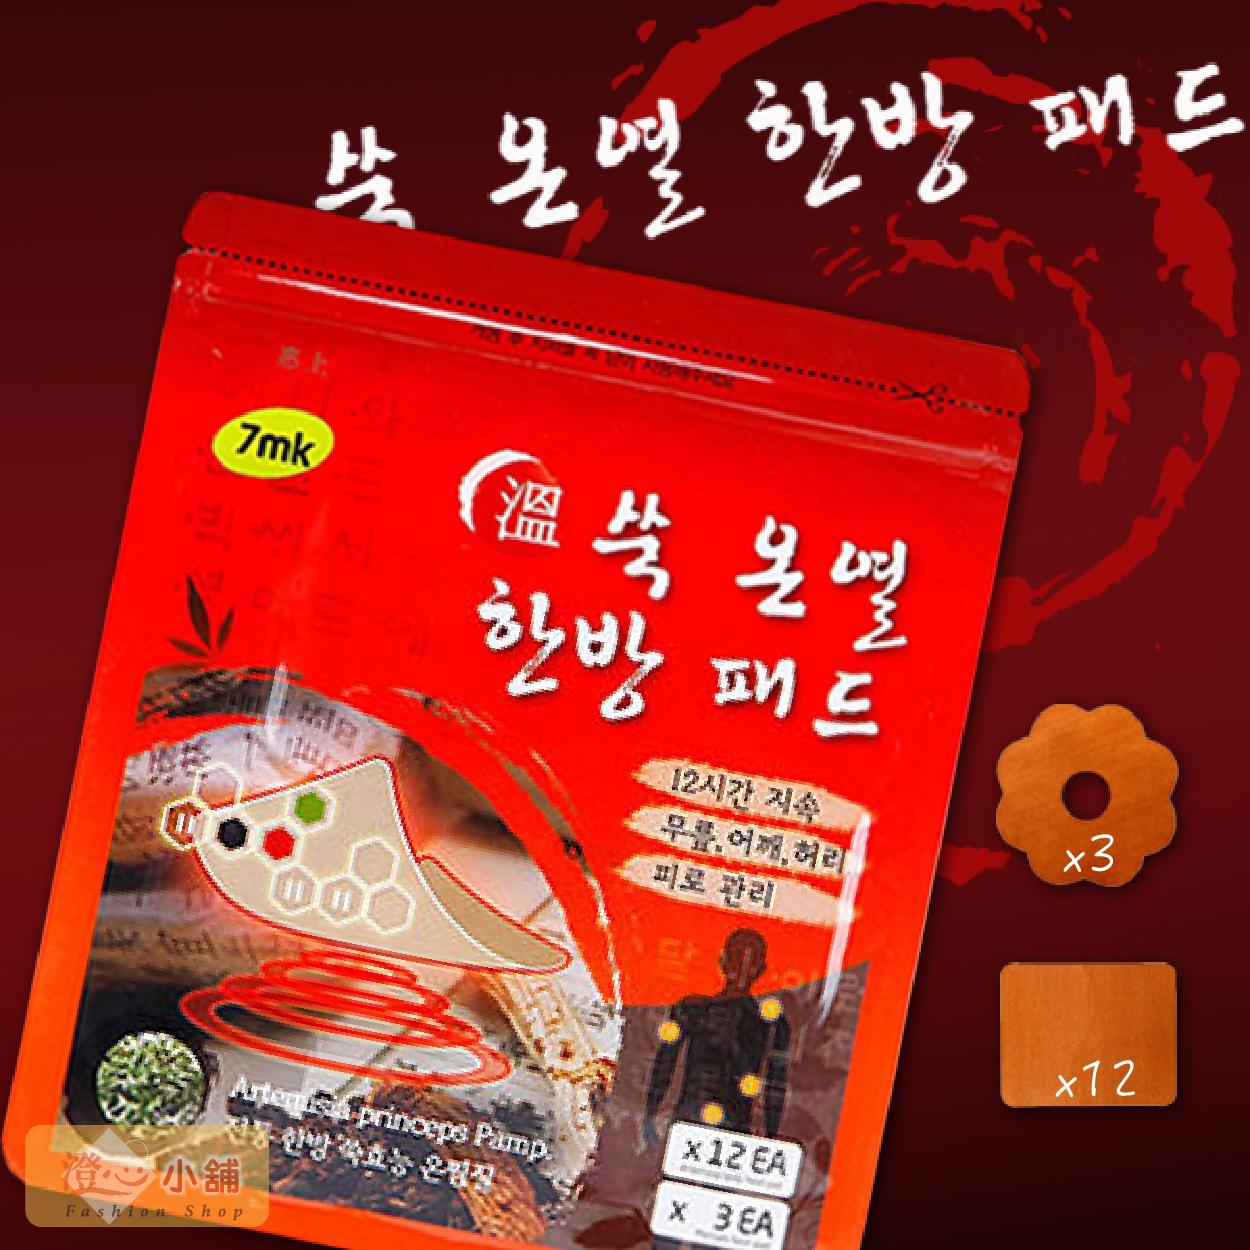 韓國 7mk 暖宮貼 艾草小太陽貼1包(3入太陽花貼+12入方形貼/包)